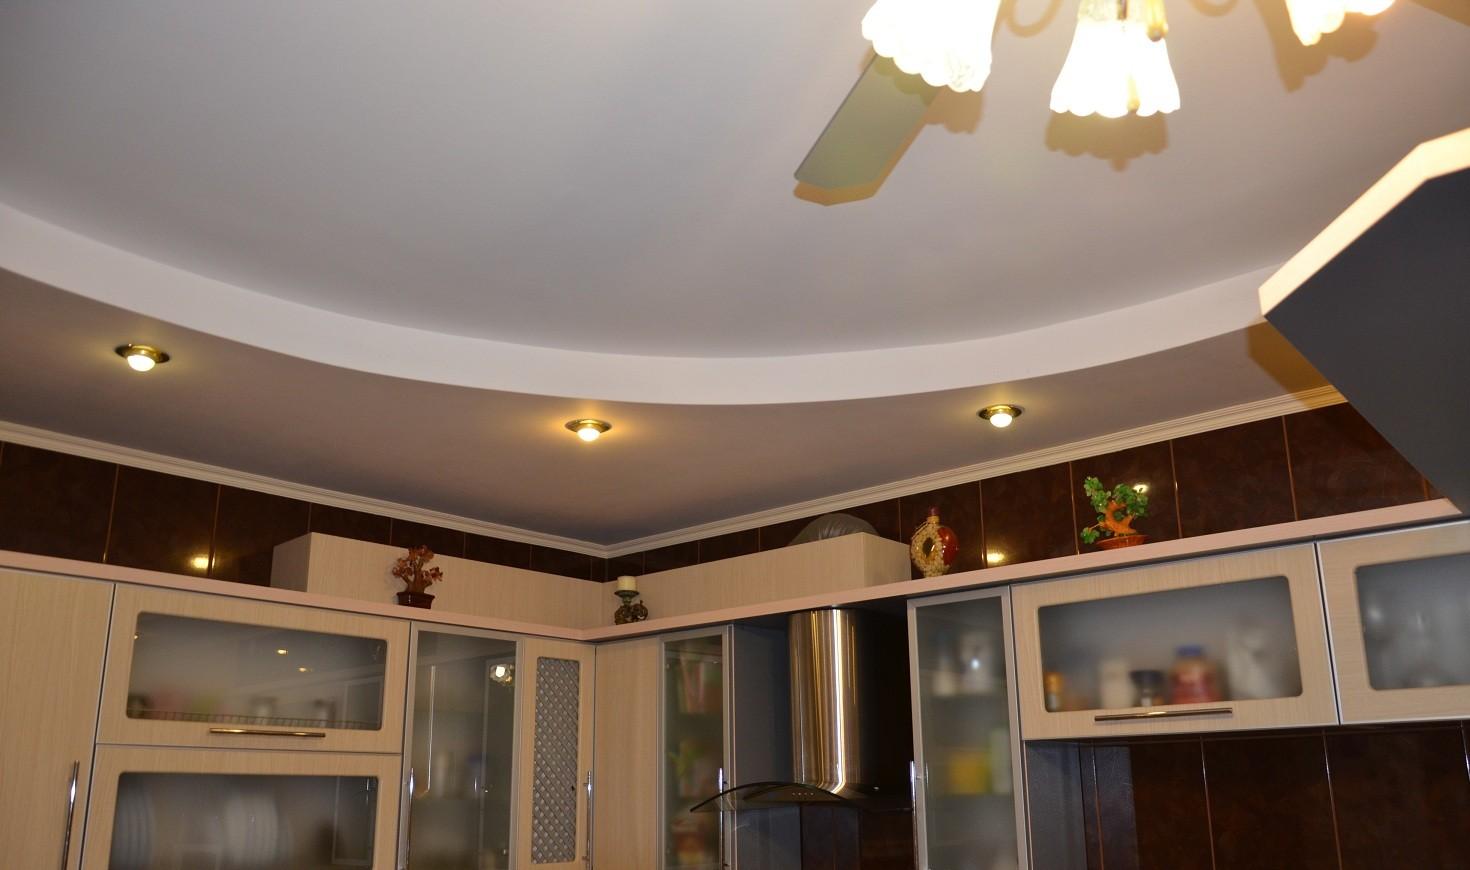 Подвесные потолки для кухни: монтаж своими руками 57